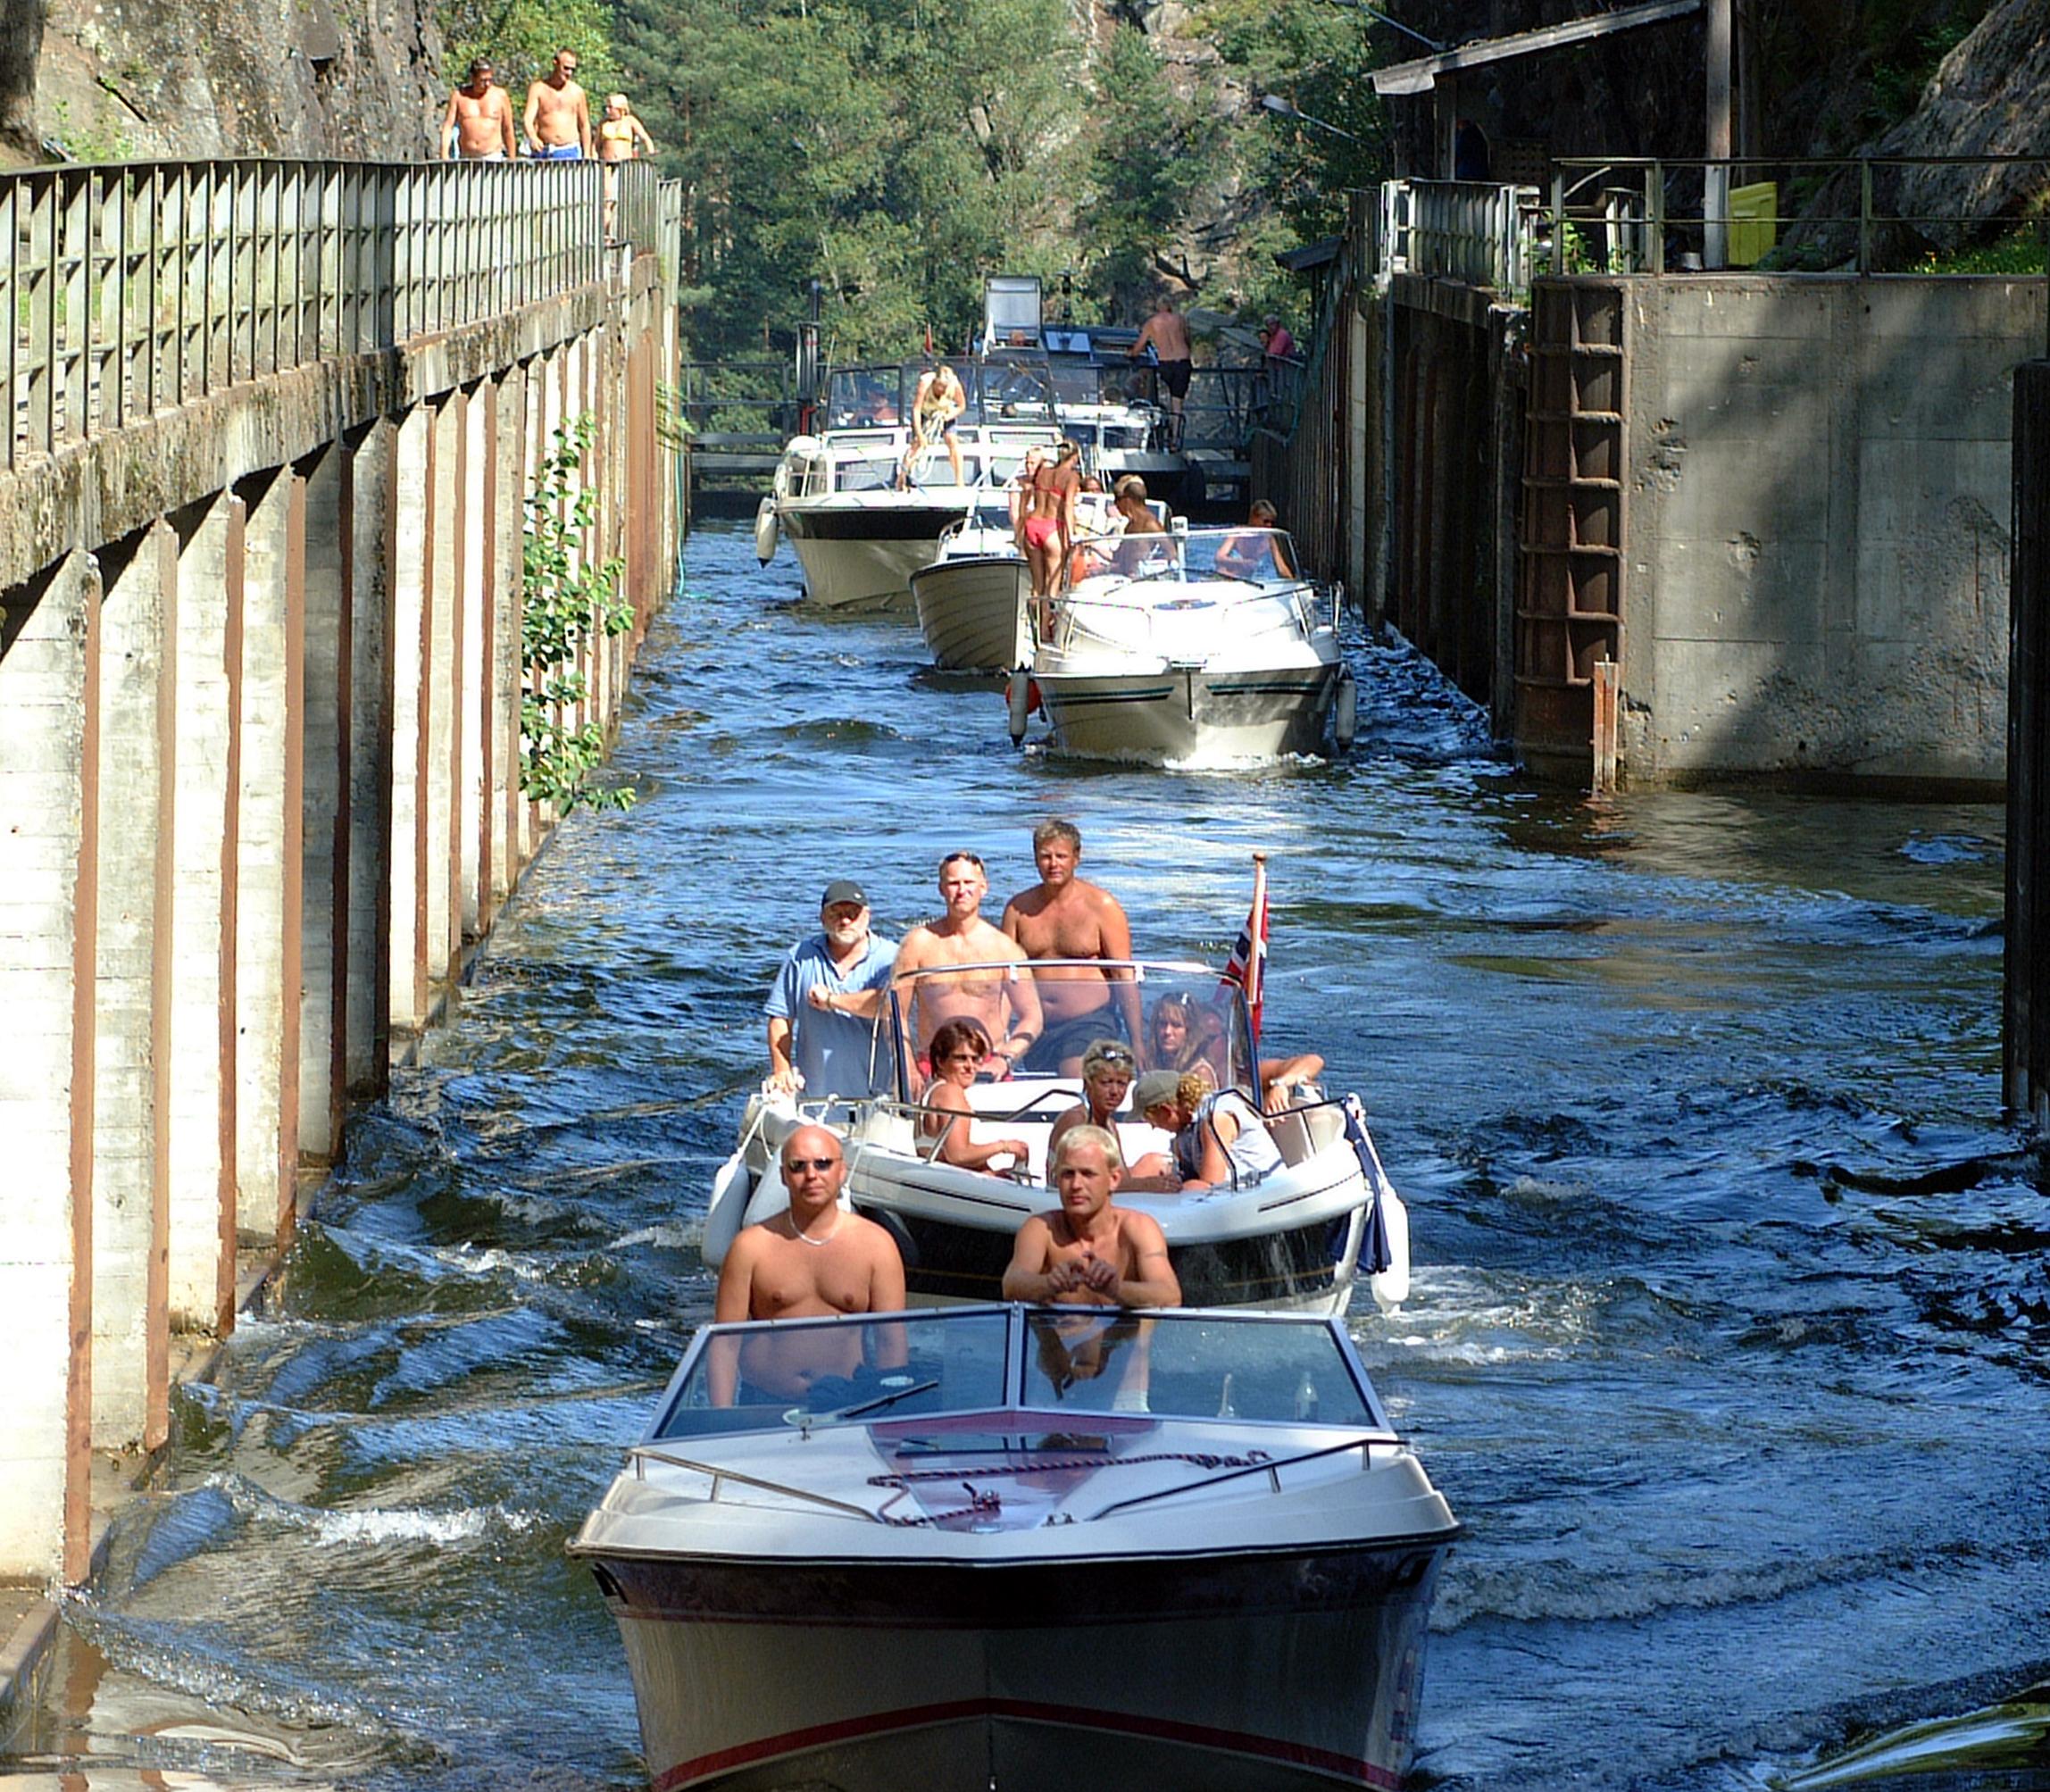 Å sluse med egen fritidsbåt er en spennende og nær måte å oppleve kanalen og slusene på.